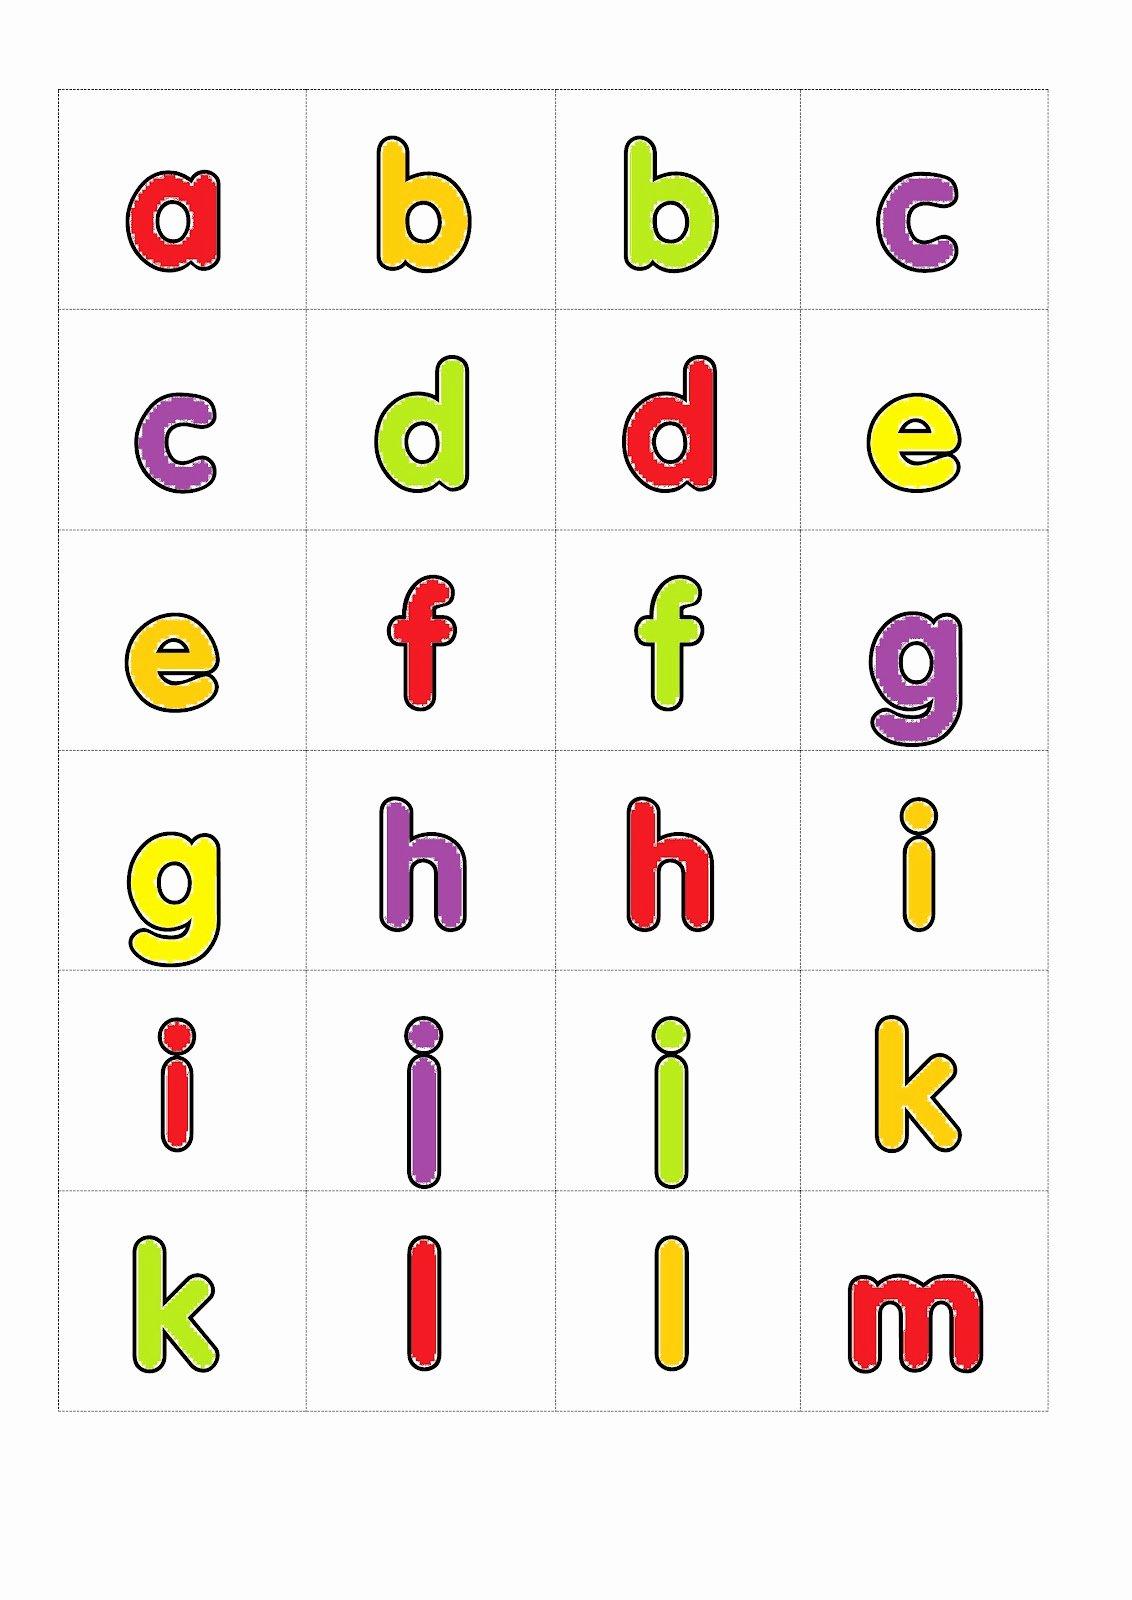 Letter A Printable Unique I Teacher Printable Alphabet Games Memory Letter Tiles